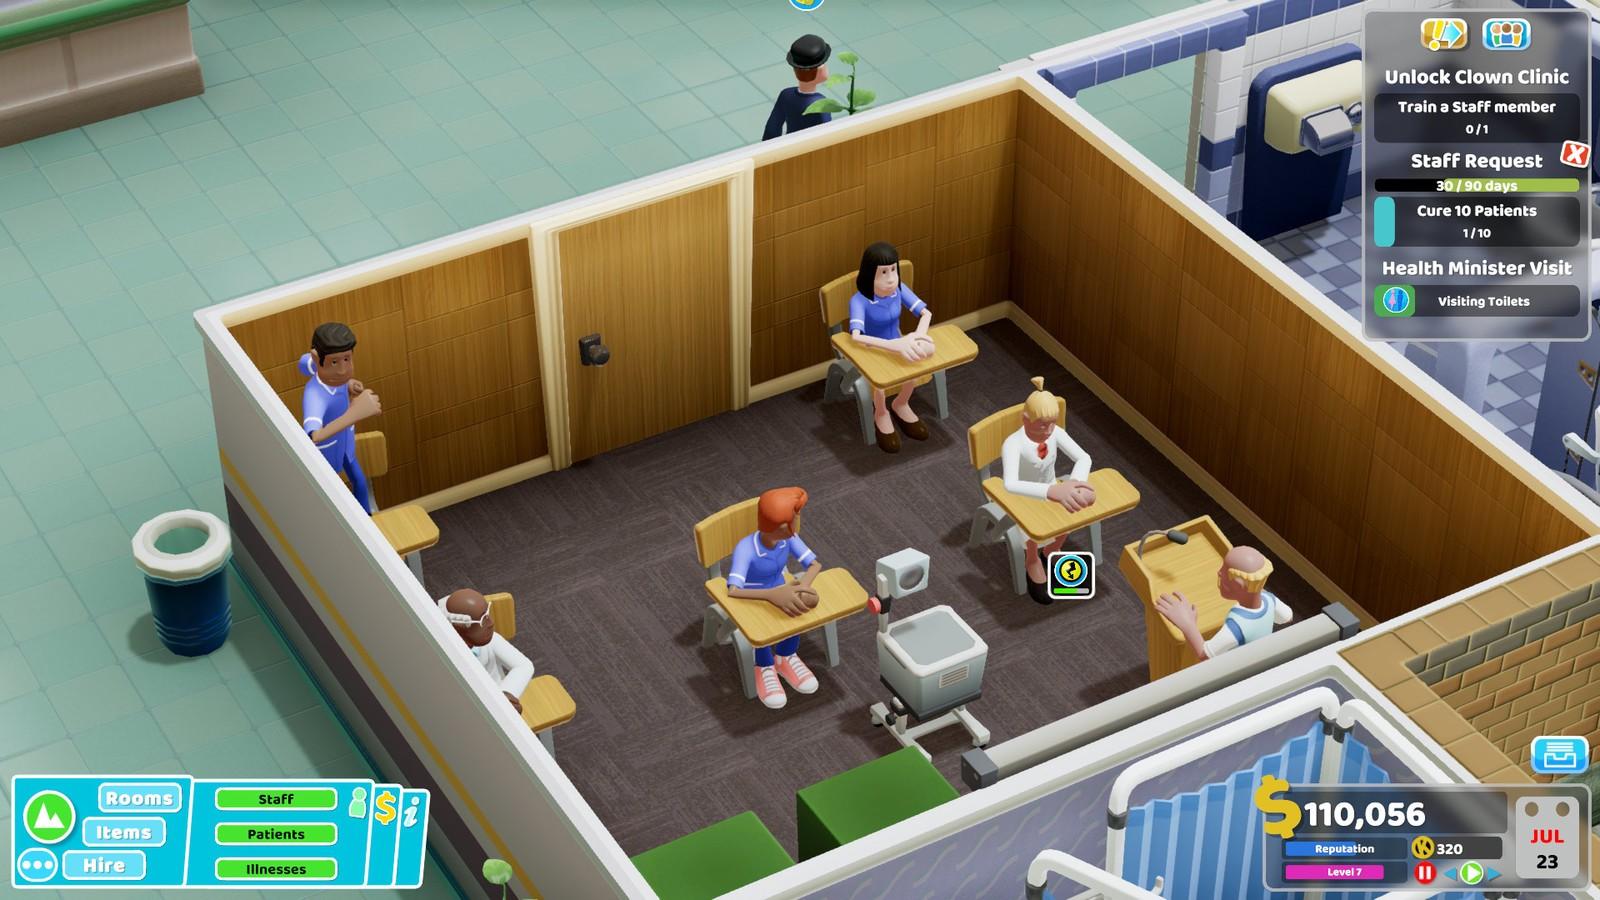 想怎么玩就怎么玩!《双点医院》更新加入沙盒模式